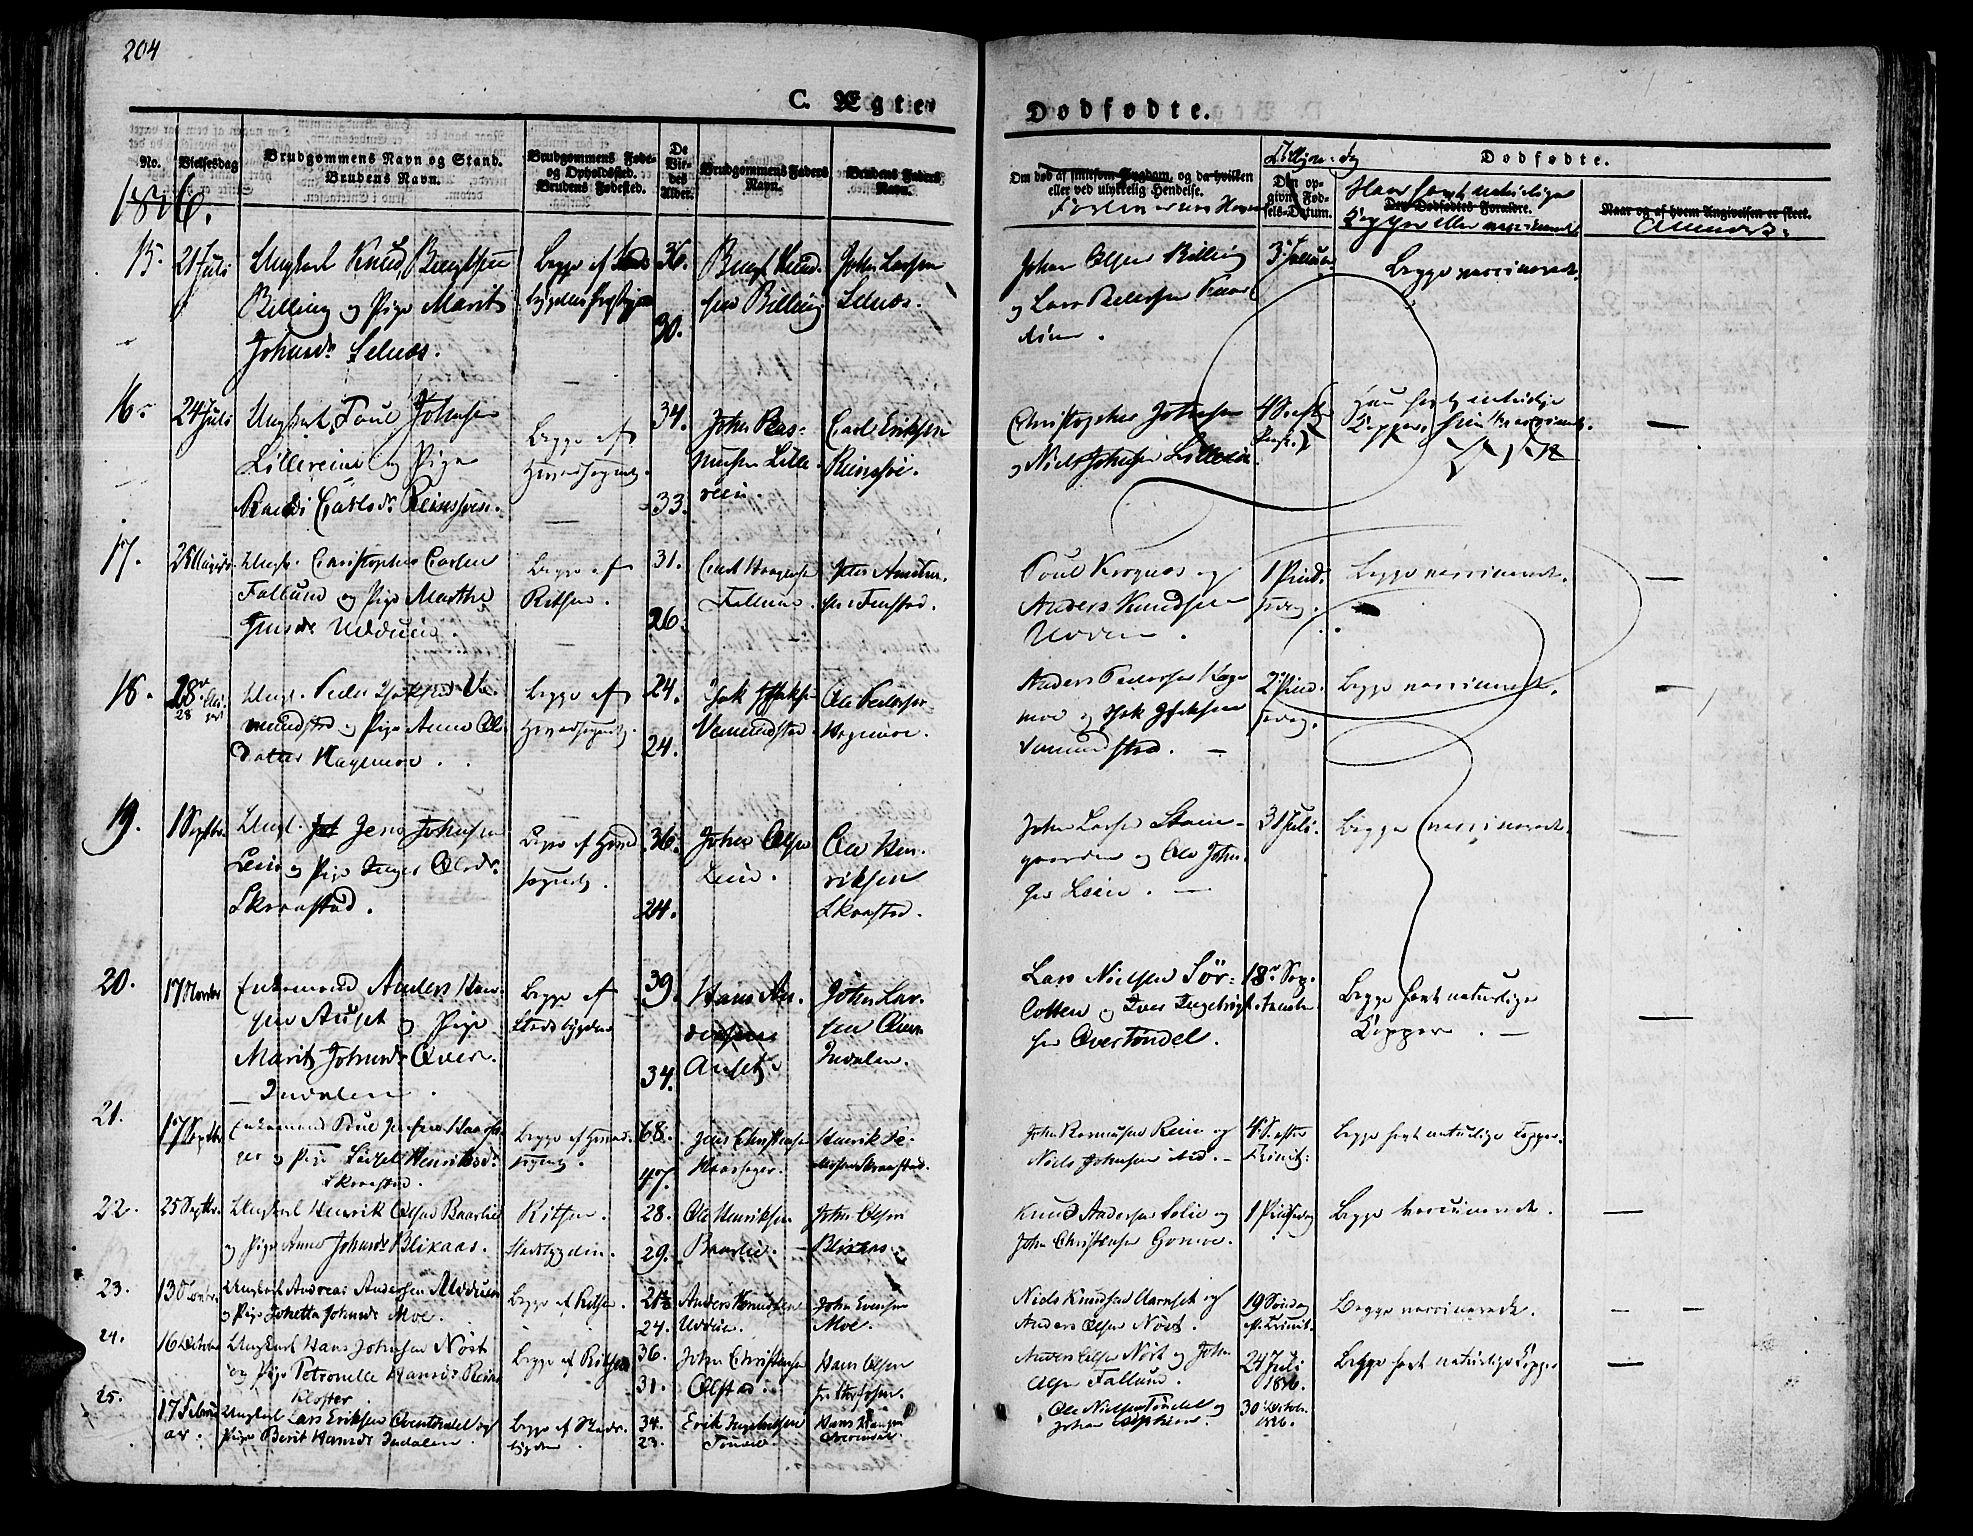 SAT, Ministerialprotokoller, klokkerbøker og fødselsregistre - Sør-Trøndelag, 646/L0609: Ministerialbok nr. 646A07, 1826-1838, s. 204